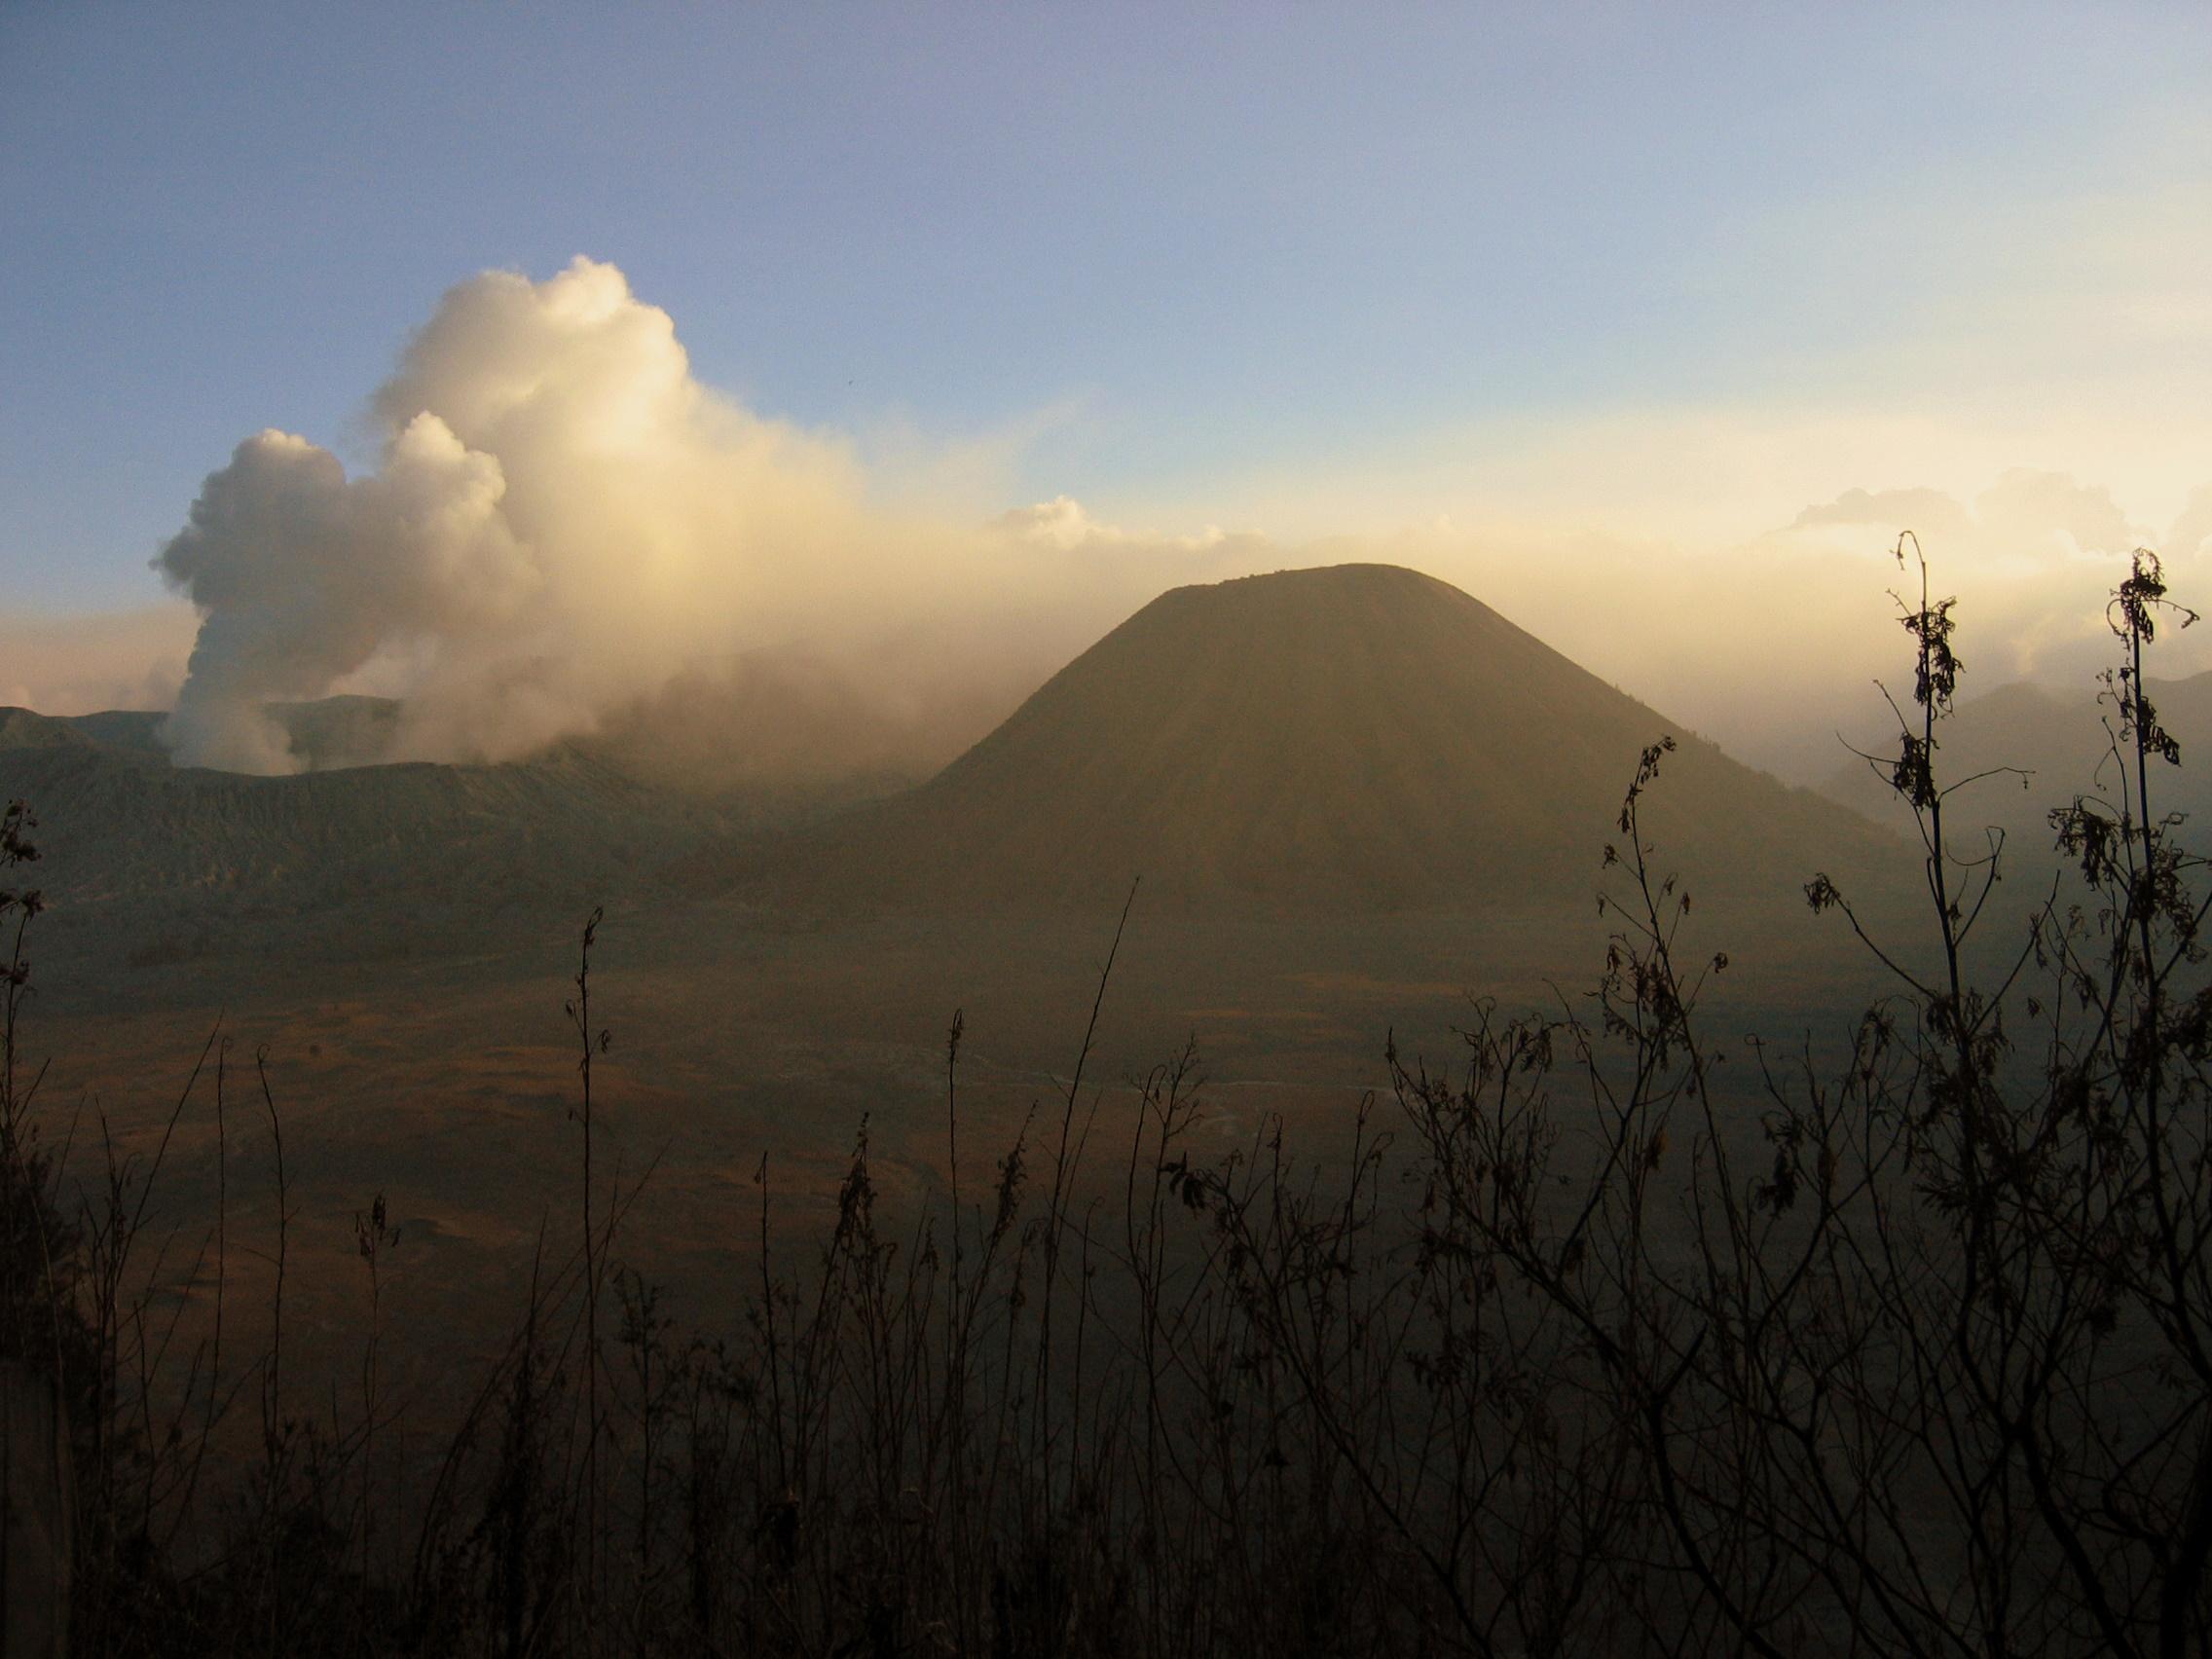 indonesiaIMG_0388 (1)